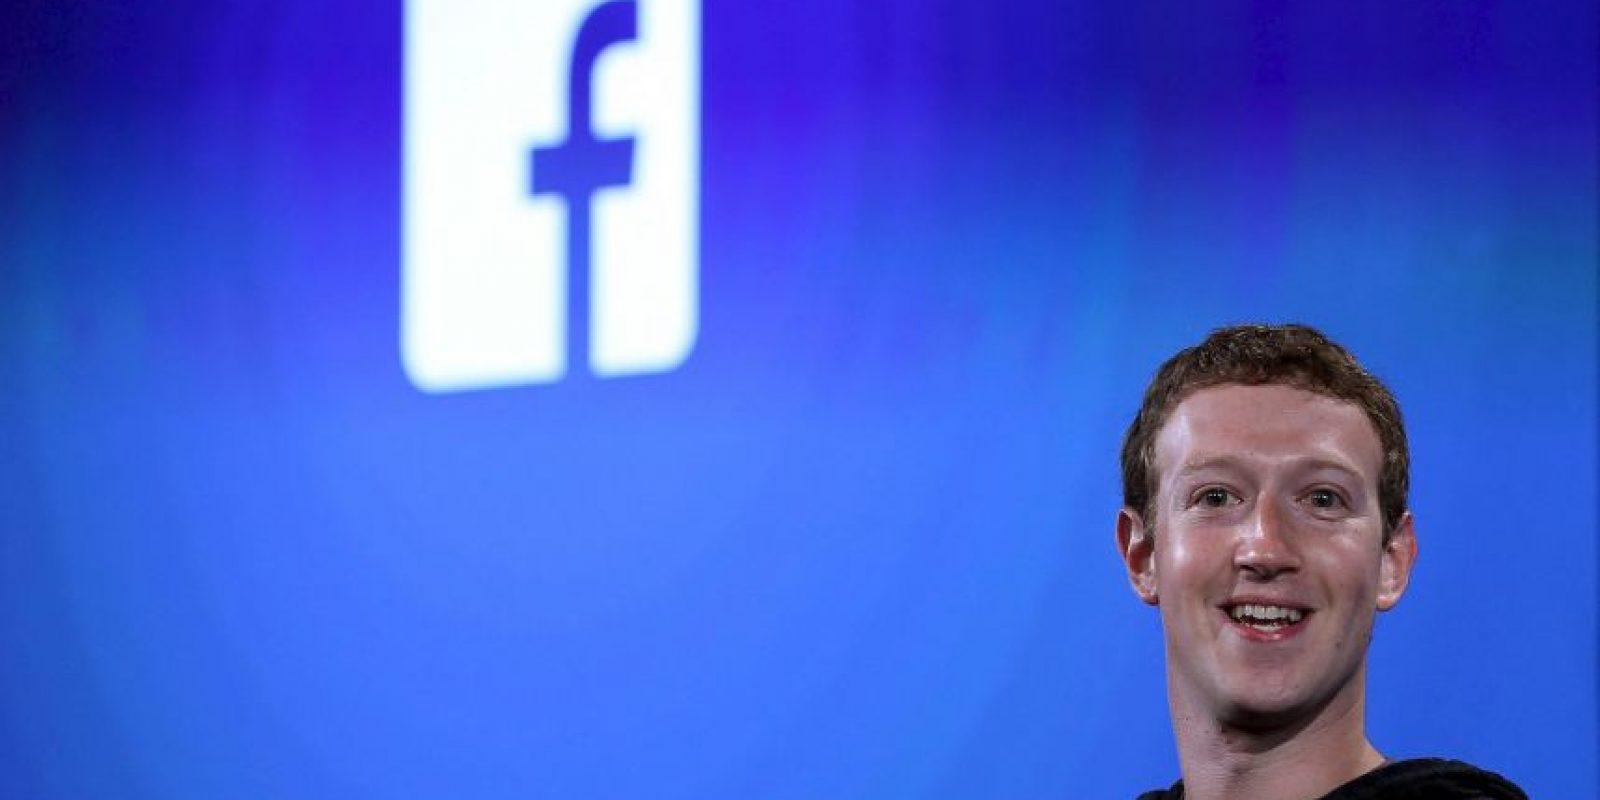 Transportation Station fue el nombre del espacio donde Facebook exhibió sus nuevos proyectos de videos 360. Foto:Getty